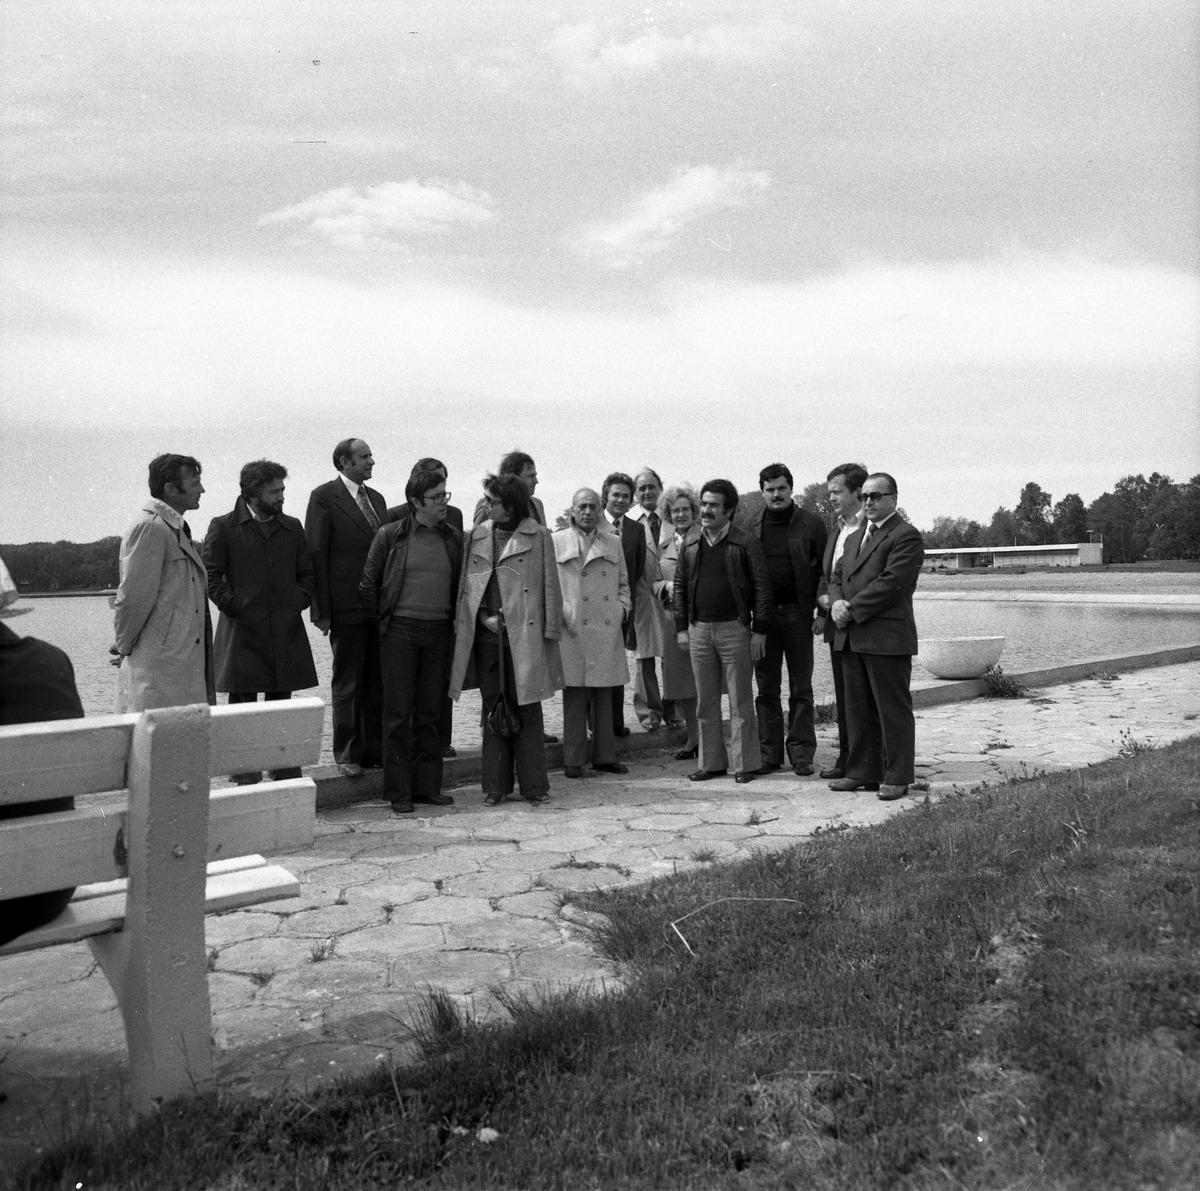 Wizyta delegacji Włoskiej Partii Komunistycznej [6]